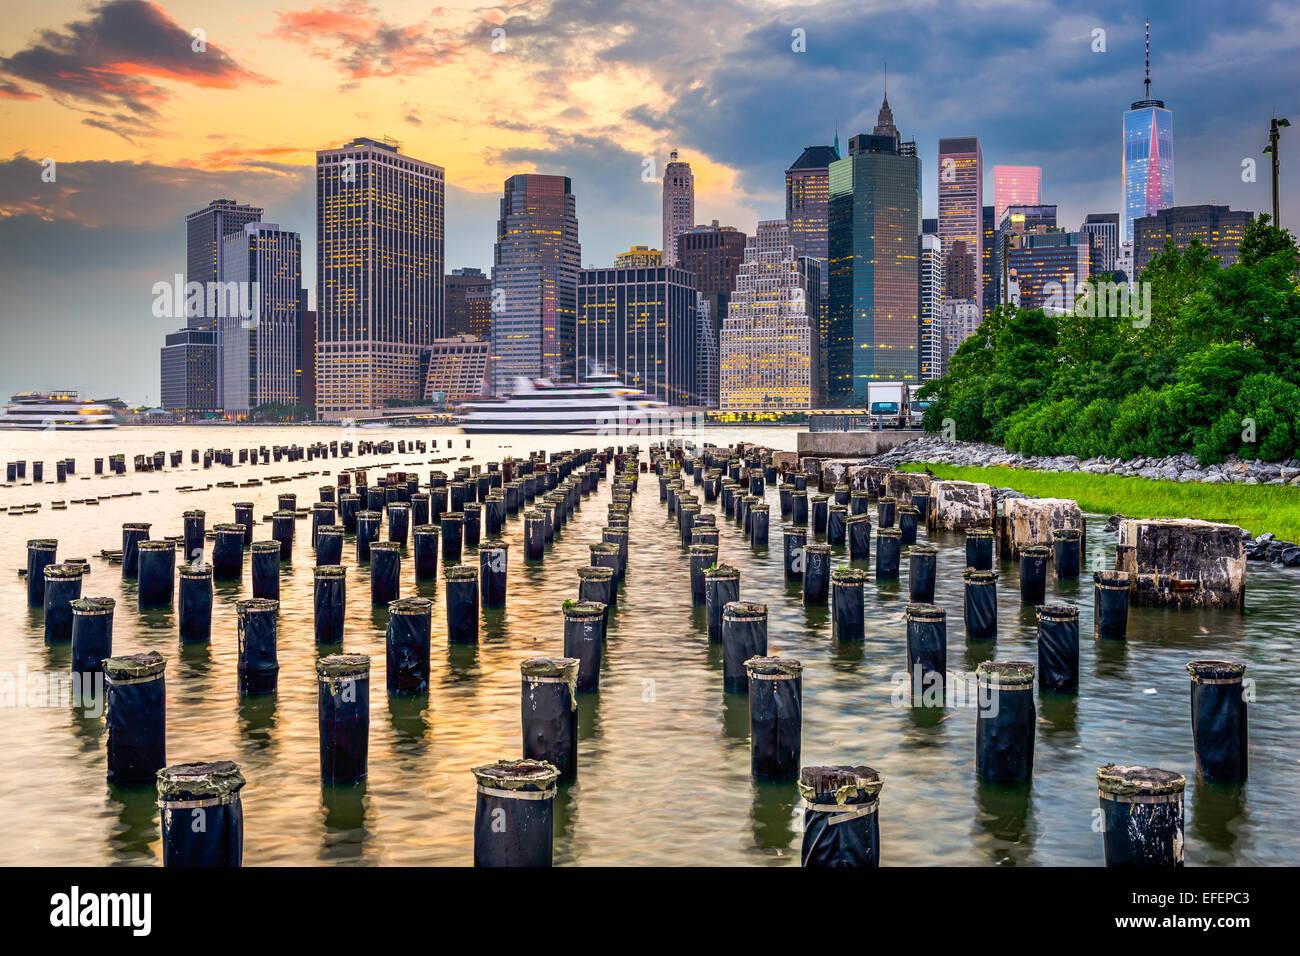 La ville de New York, USA sur la ville sur l'East River. Photo Stock